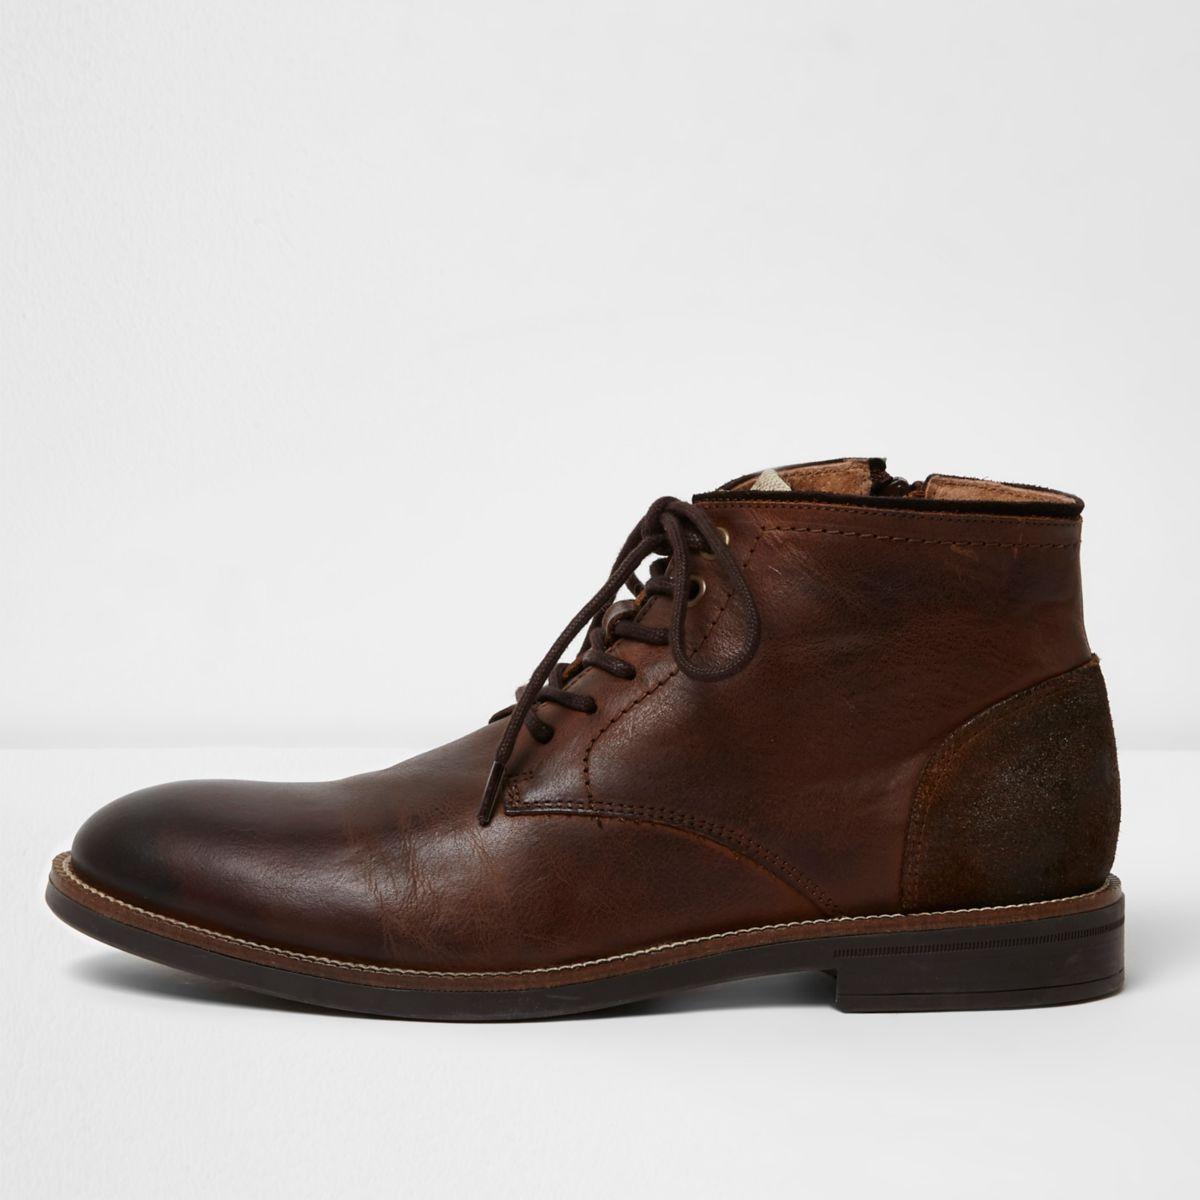 Cheville En Cuir Brun Foncé Chaussures 5fAlj